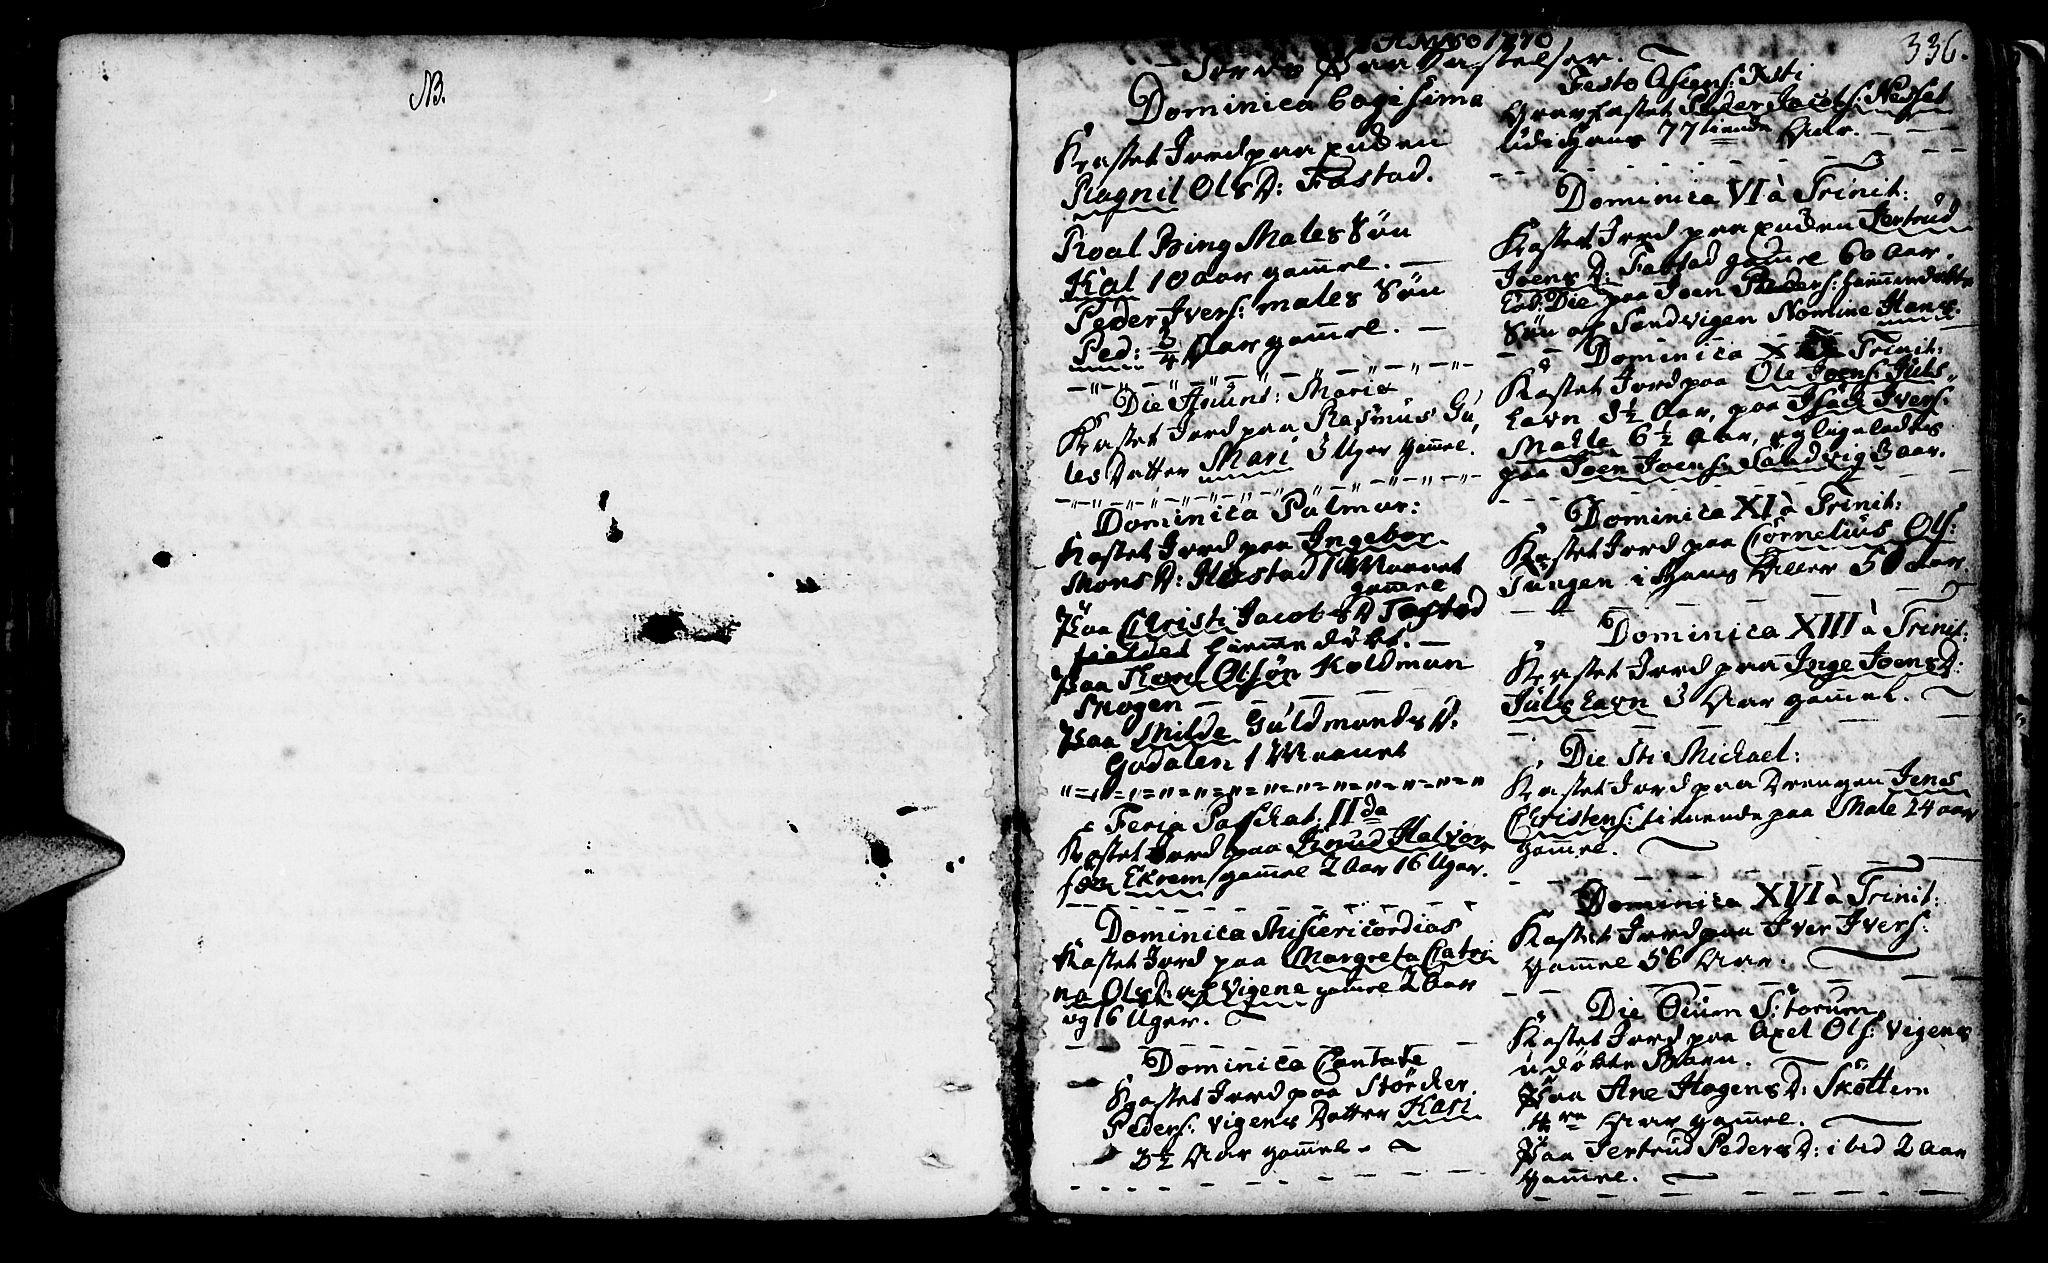 SAT, Ministerialprotokoller, klokkerbøker og fødselsregistre - Møre og Romsdal, 566/L0761: Ministerialbok nr. 566A02 /1, 1767-1817, s. 336